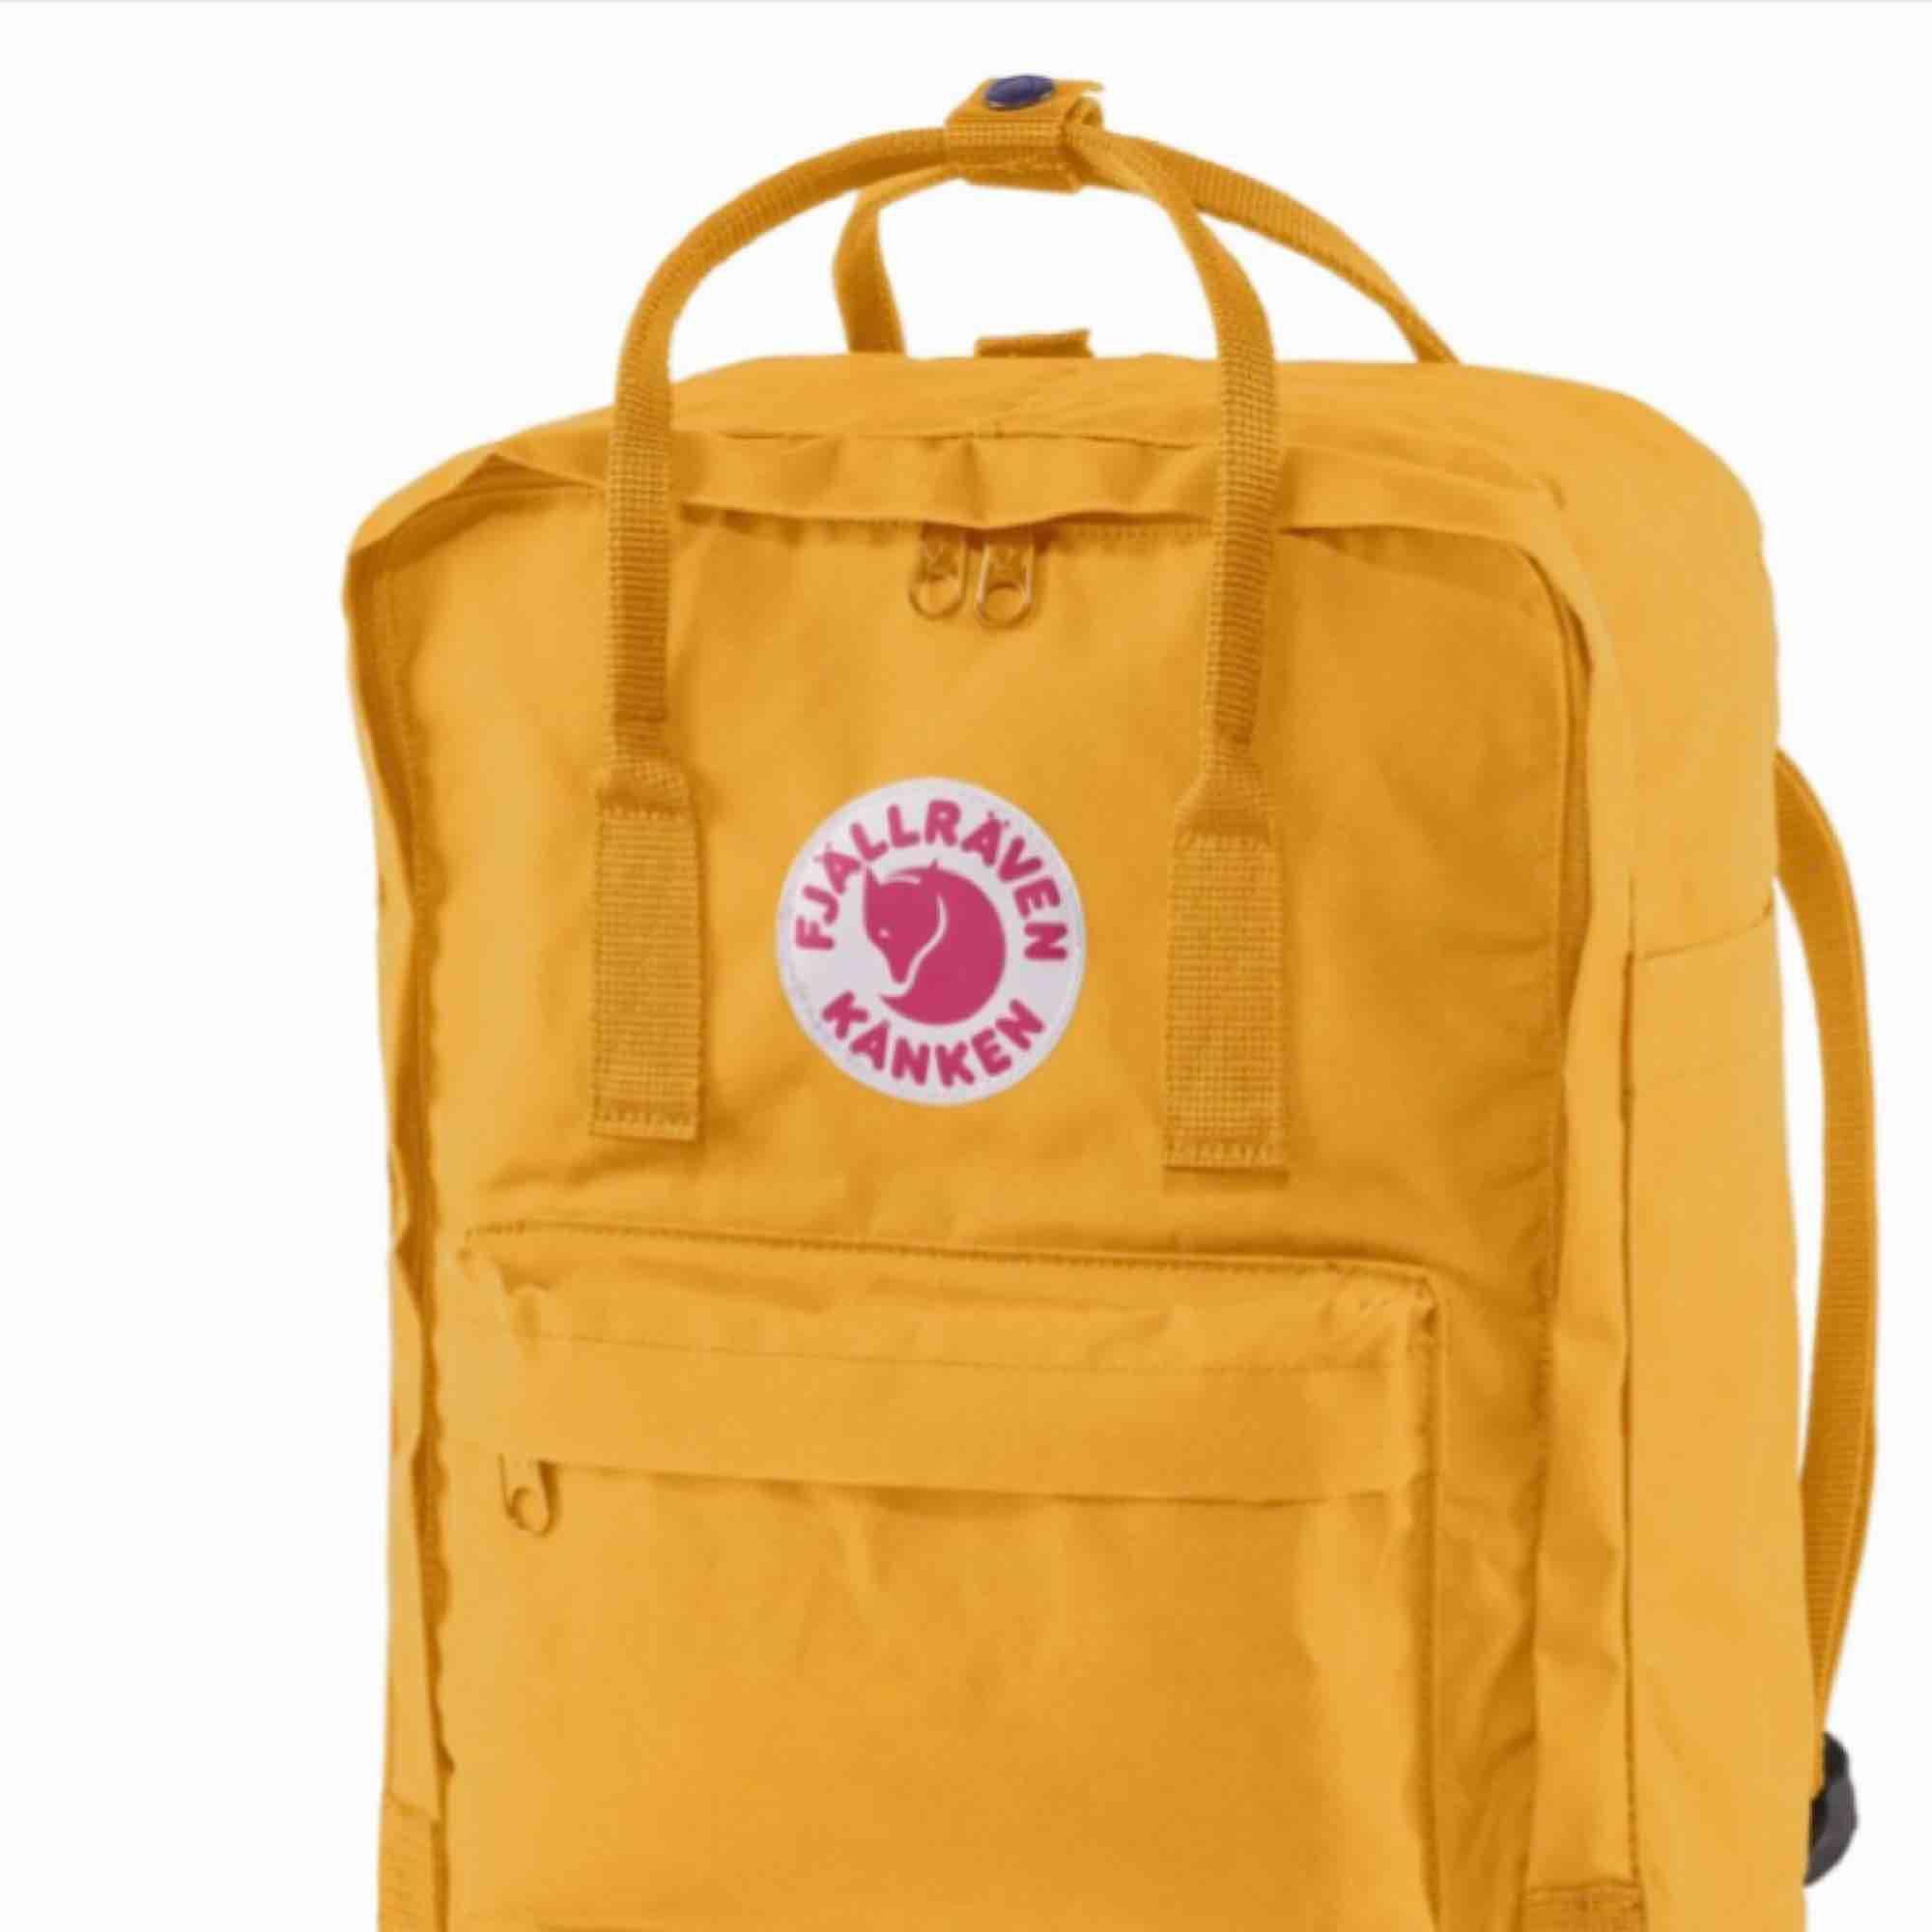 Sååå snygg fjällräven väska, i den finaste gula färgen! Väskan är använd men i bra skick. Ett litet hål i det yttersta tyget (inte hela vägen igenom) därav det billiga priset, se sista bild!  Smutsig på undersidan men går att tvätta!  Frakt tillkommer🥰. Väskor.